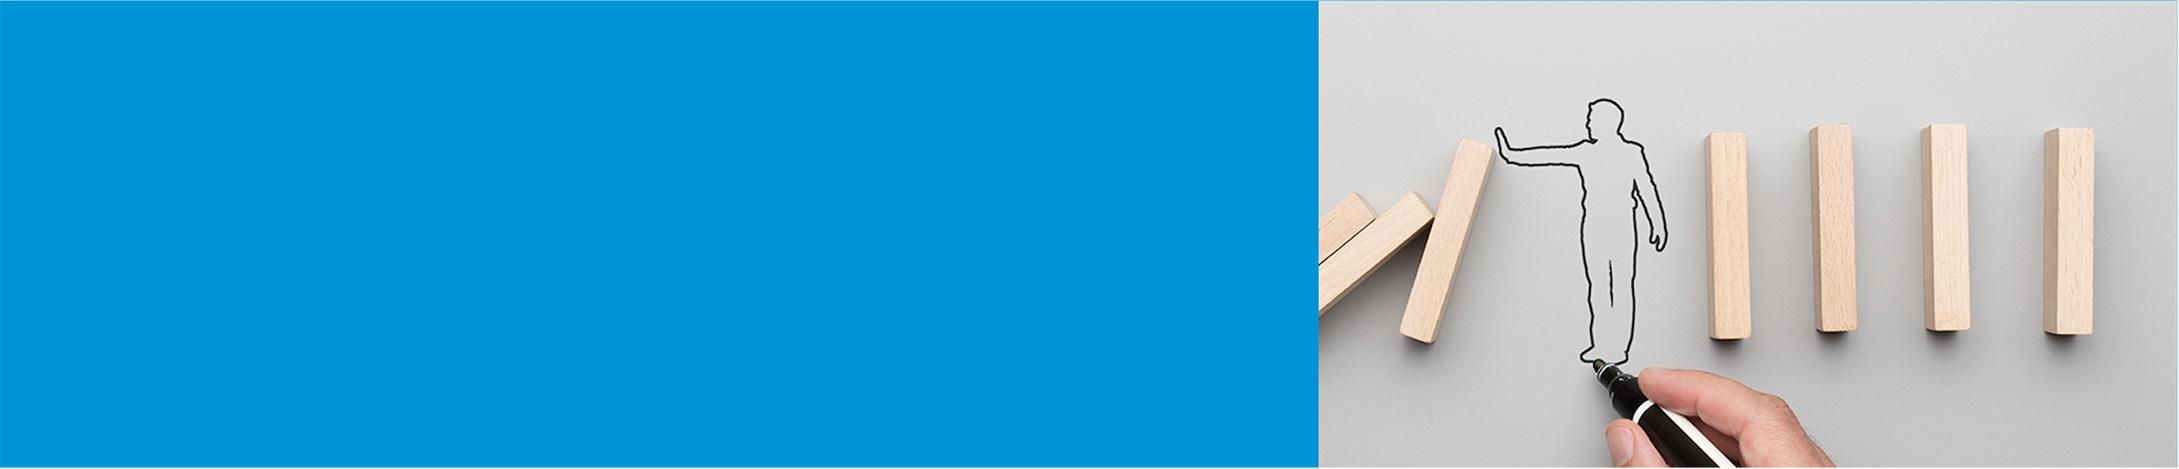 22 ottobre: Webinar – la Consulenza Indipendente al servizio dell'Educazione Finanziaria